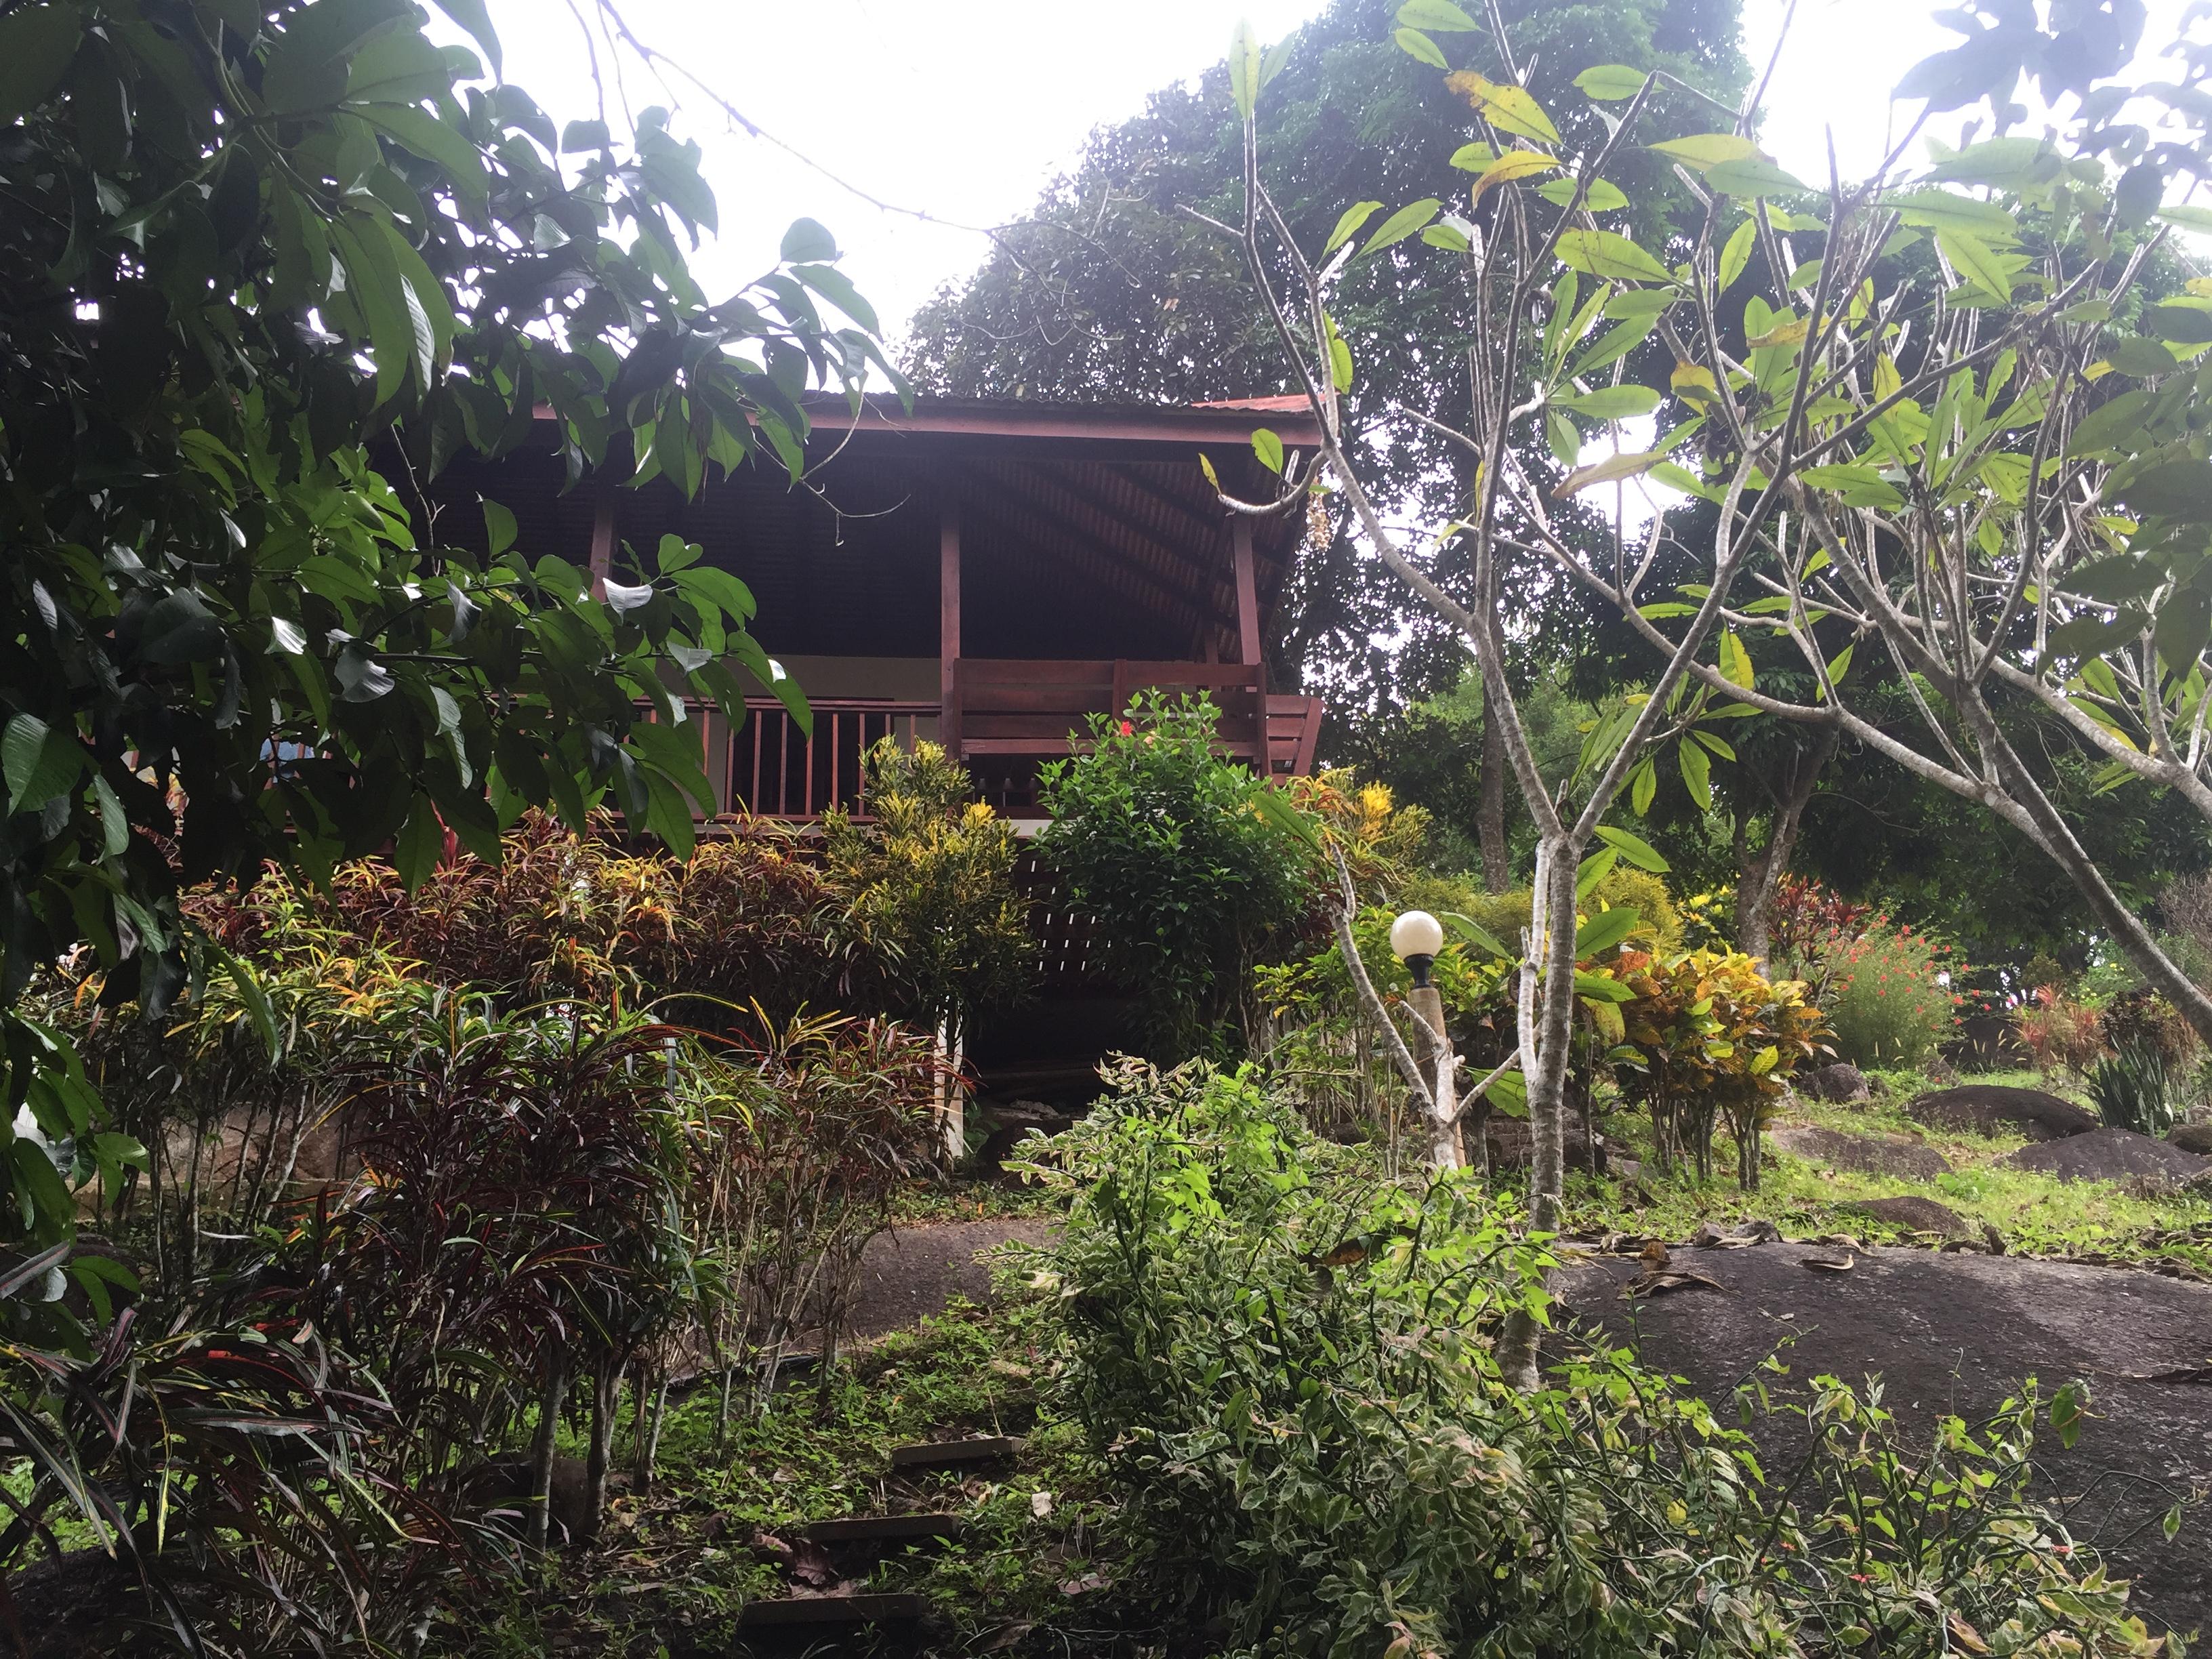 16 januar fra khaok lak til krabi christian jannes weblog - Bos lak ...